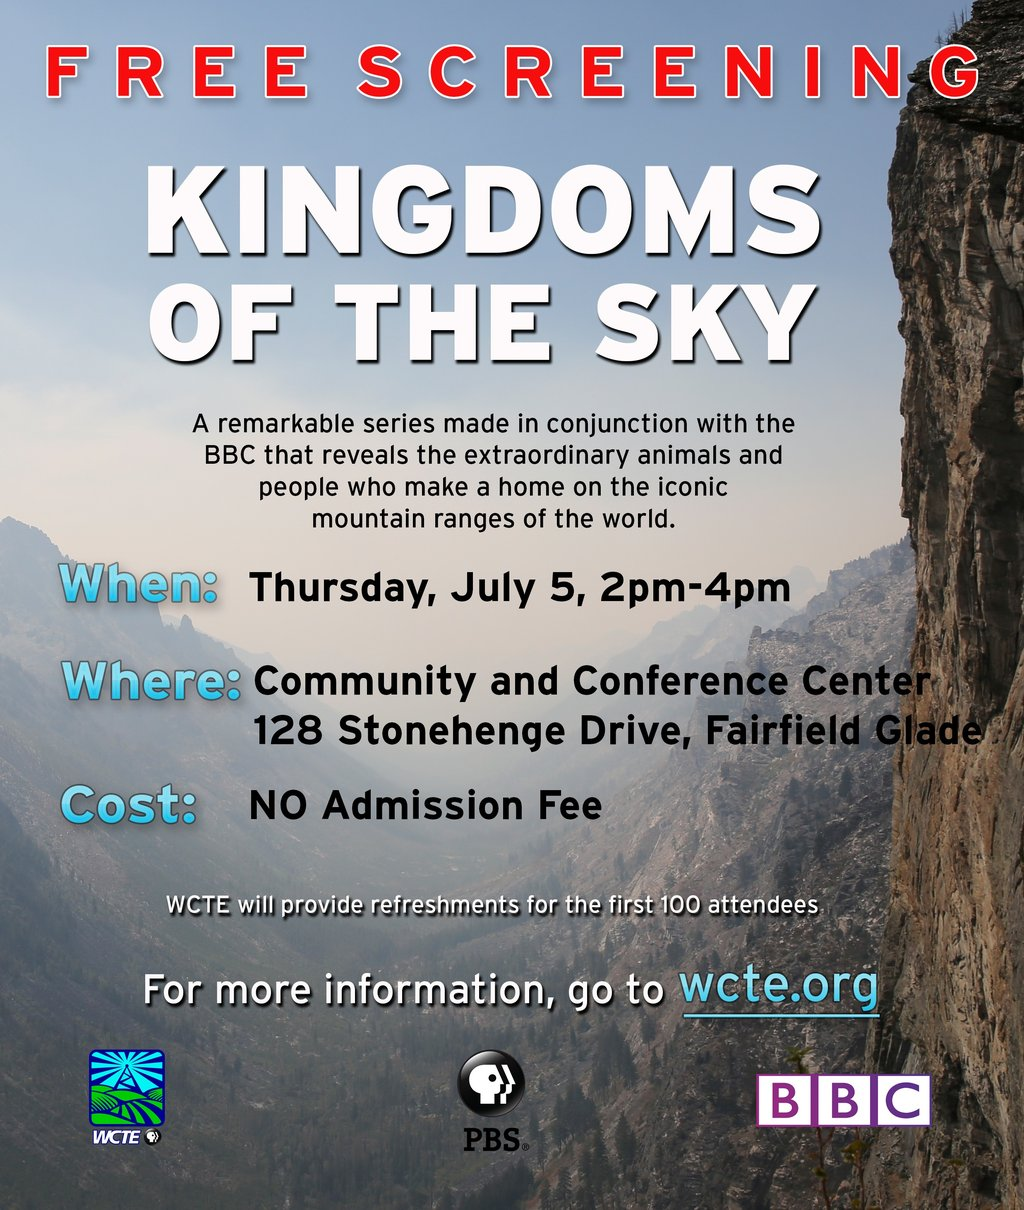 Kingdoms In the Sky Screening